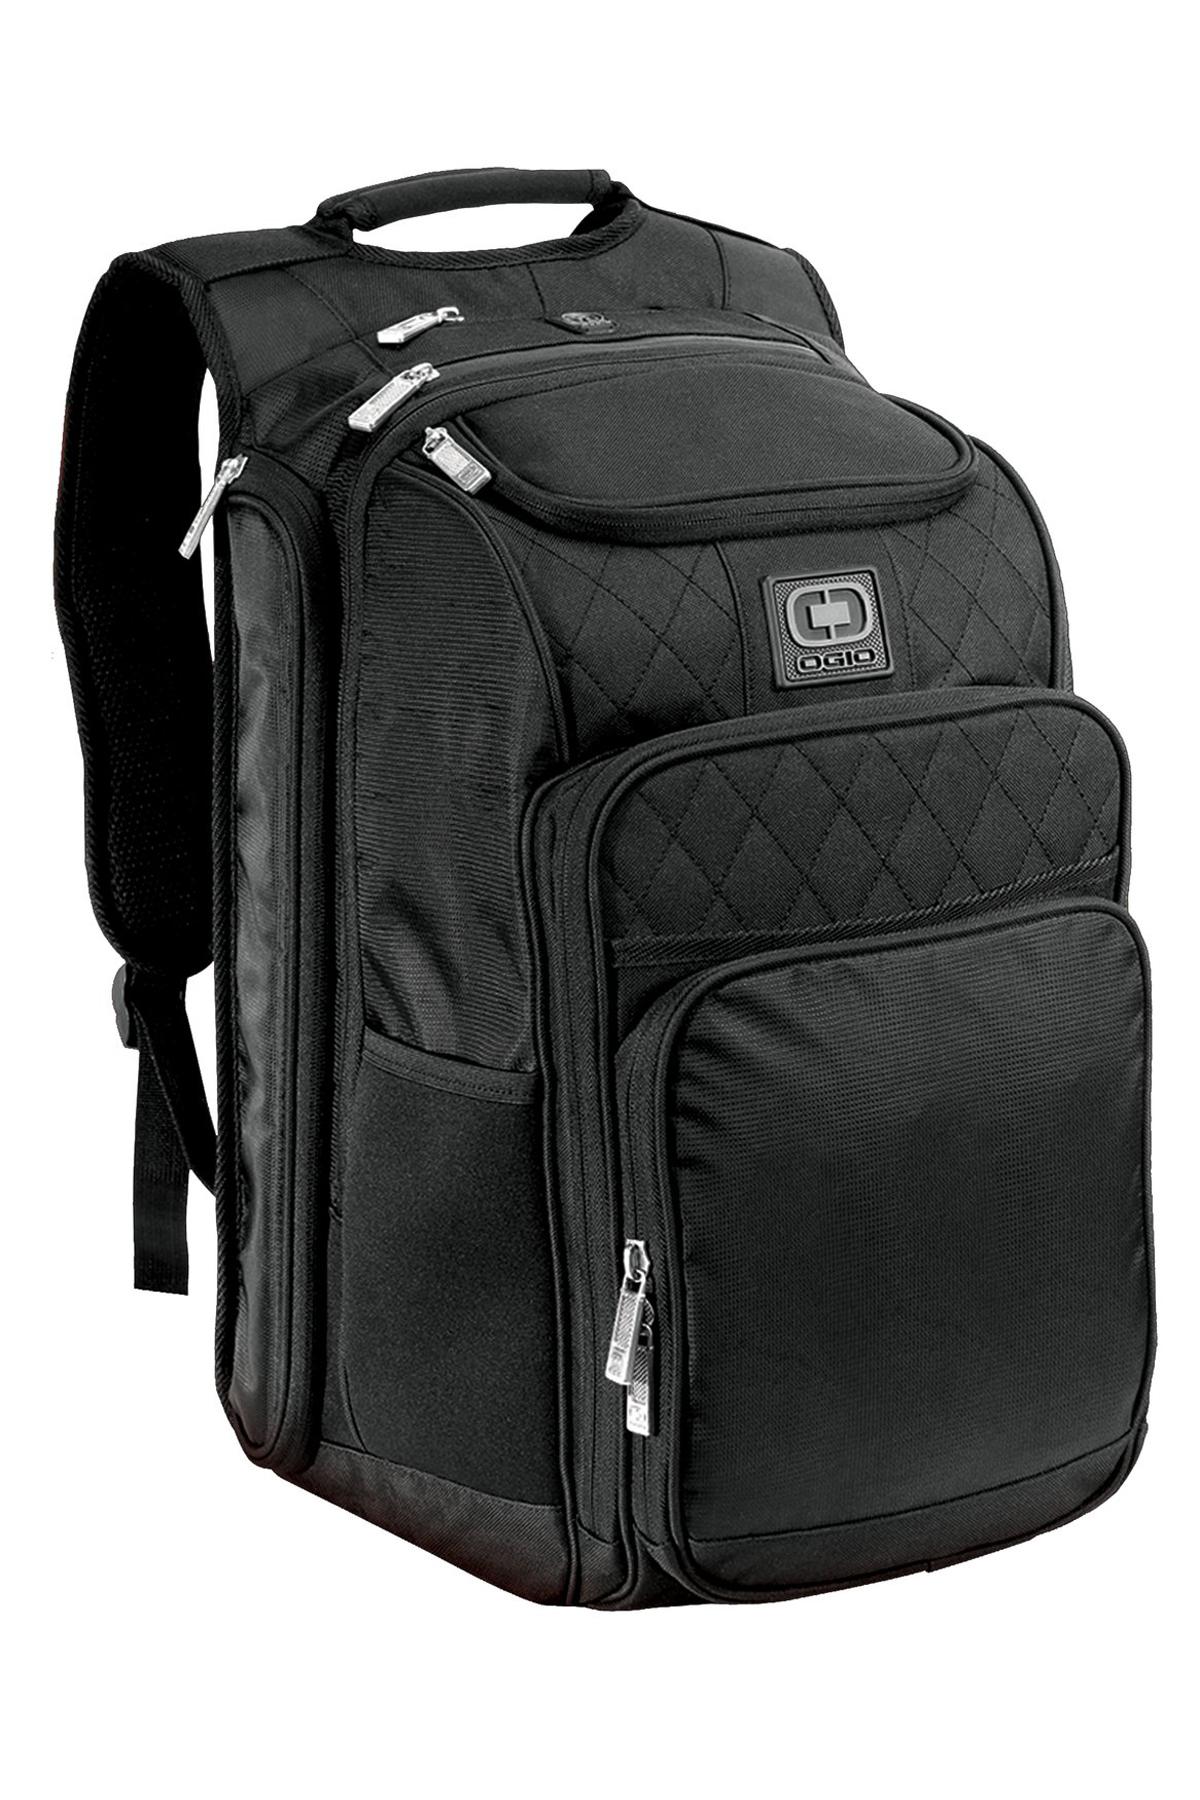 Bags-Backpacks-1